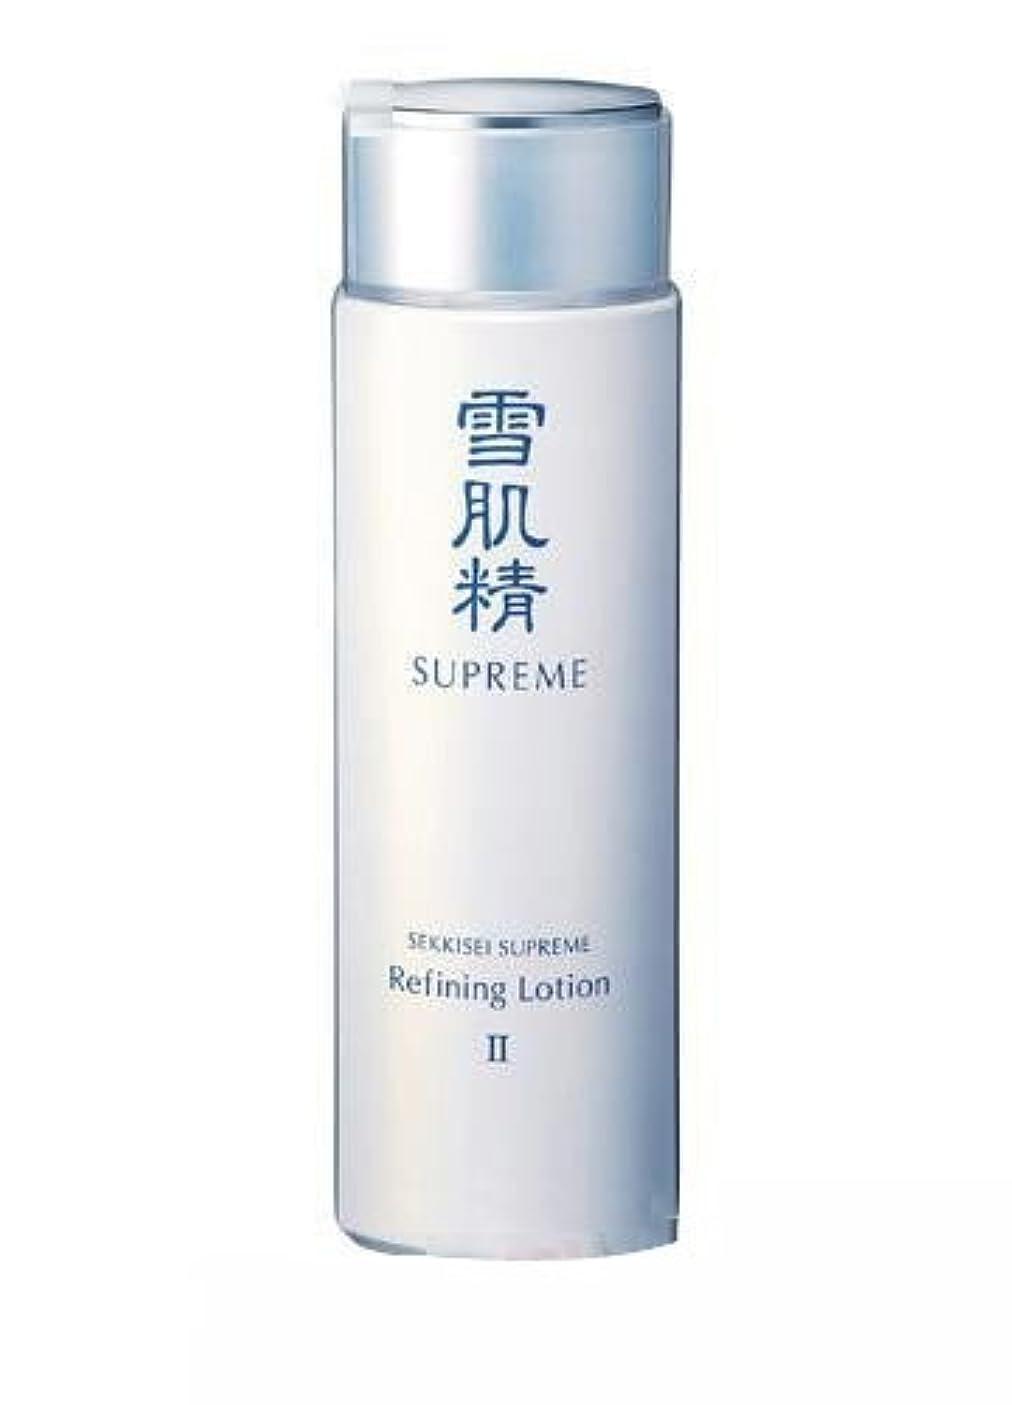 アコー不良品ストローコーセー 雪肌精 シュープレム 化粧水 ※230mL II